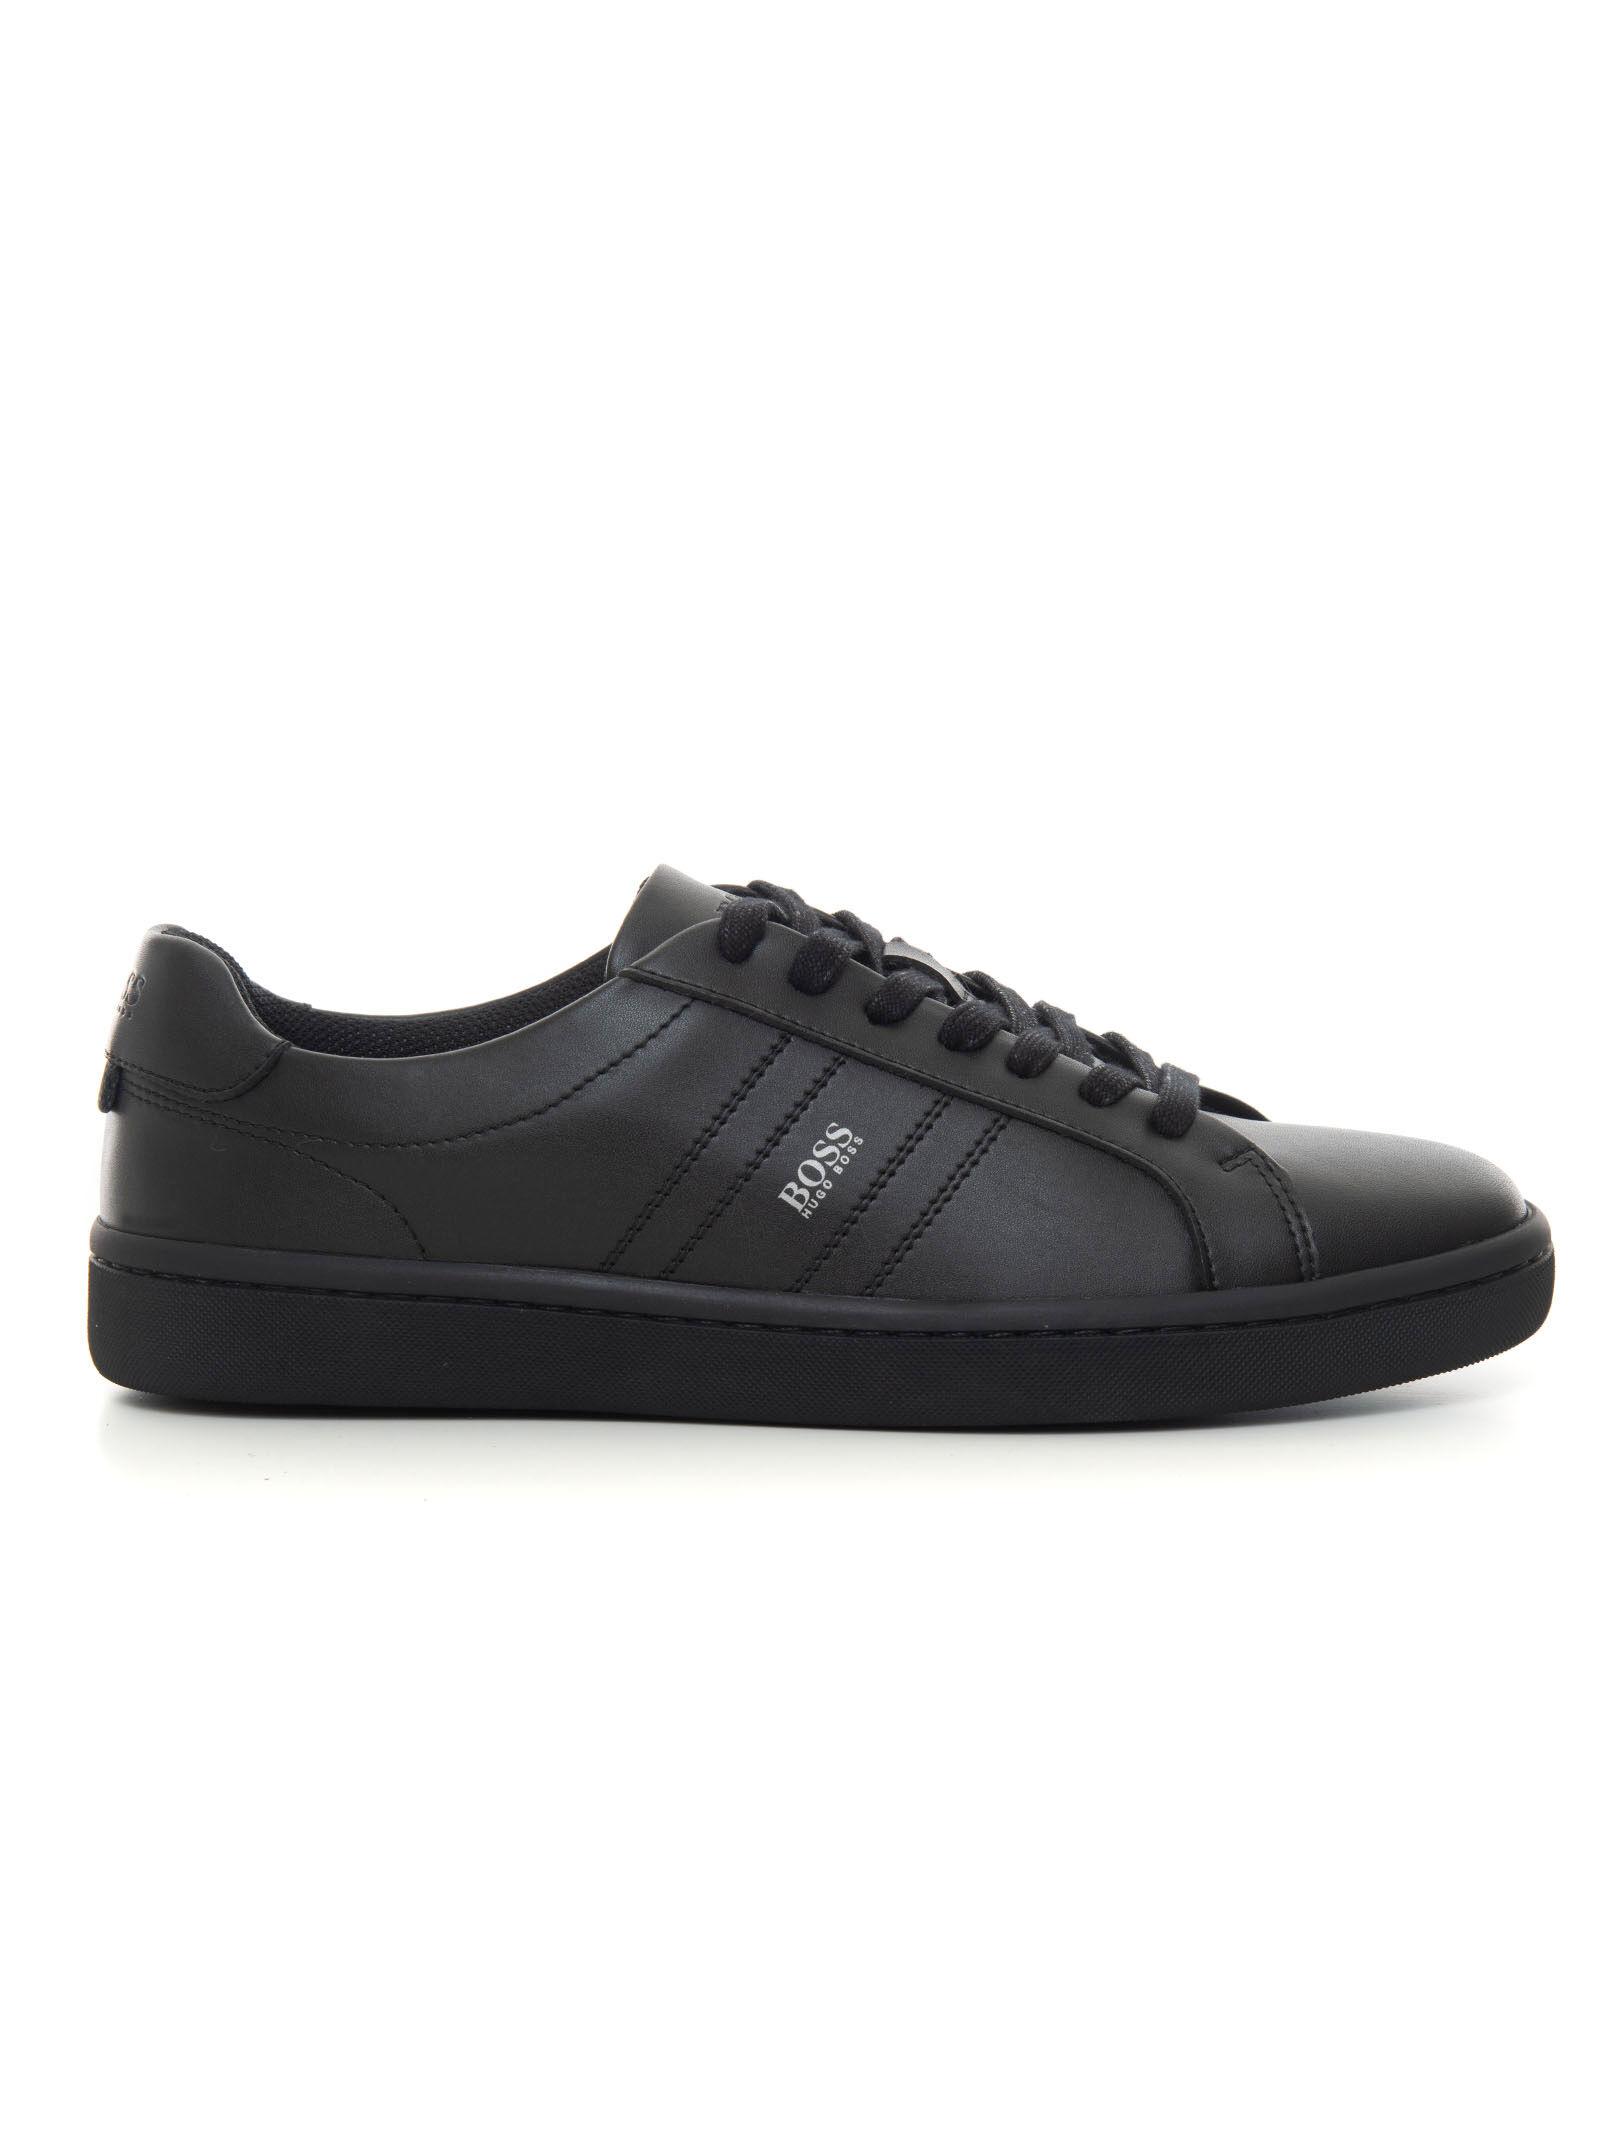 Boss Sneakers in pelle con lacci Ribeira_Tenn_Itpl Nero Pelle Uomo